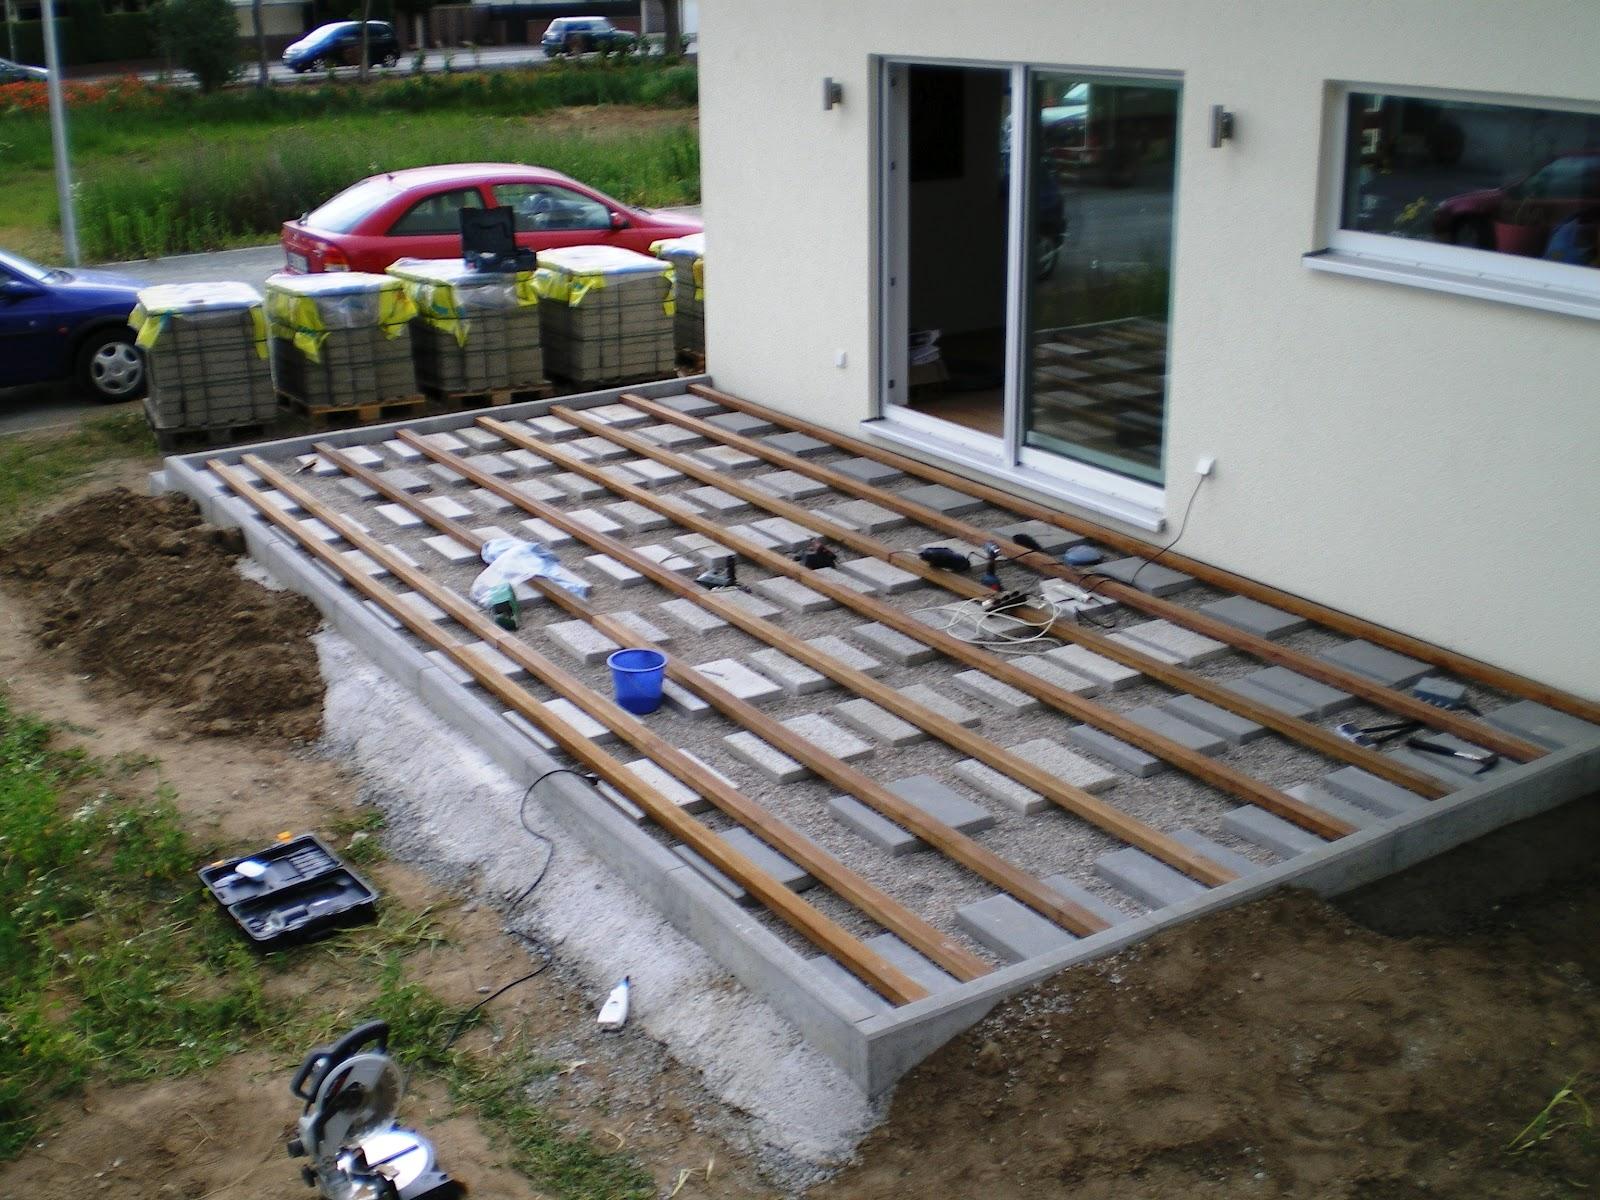 terrasse bauen unterbau ehrf rchtige terrasse bauen unterbau von unterbau terrasse wpc. Black Bedroom Furniture Sets. Home Design Ideas